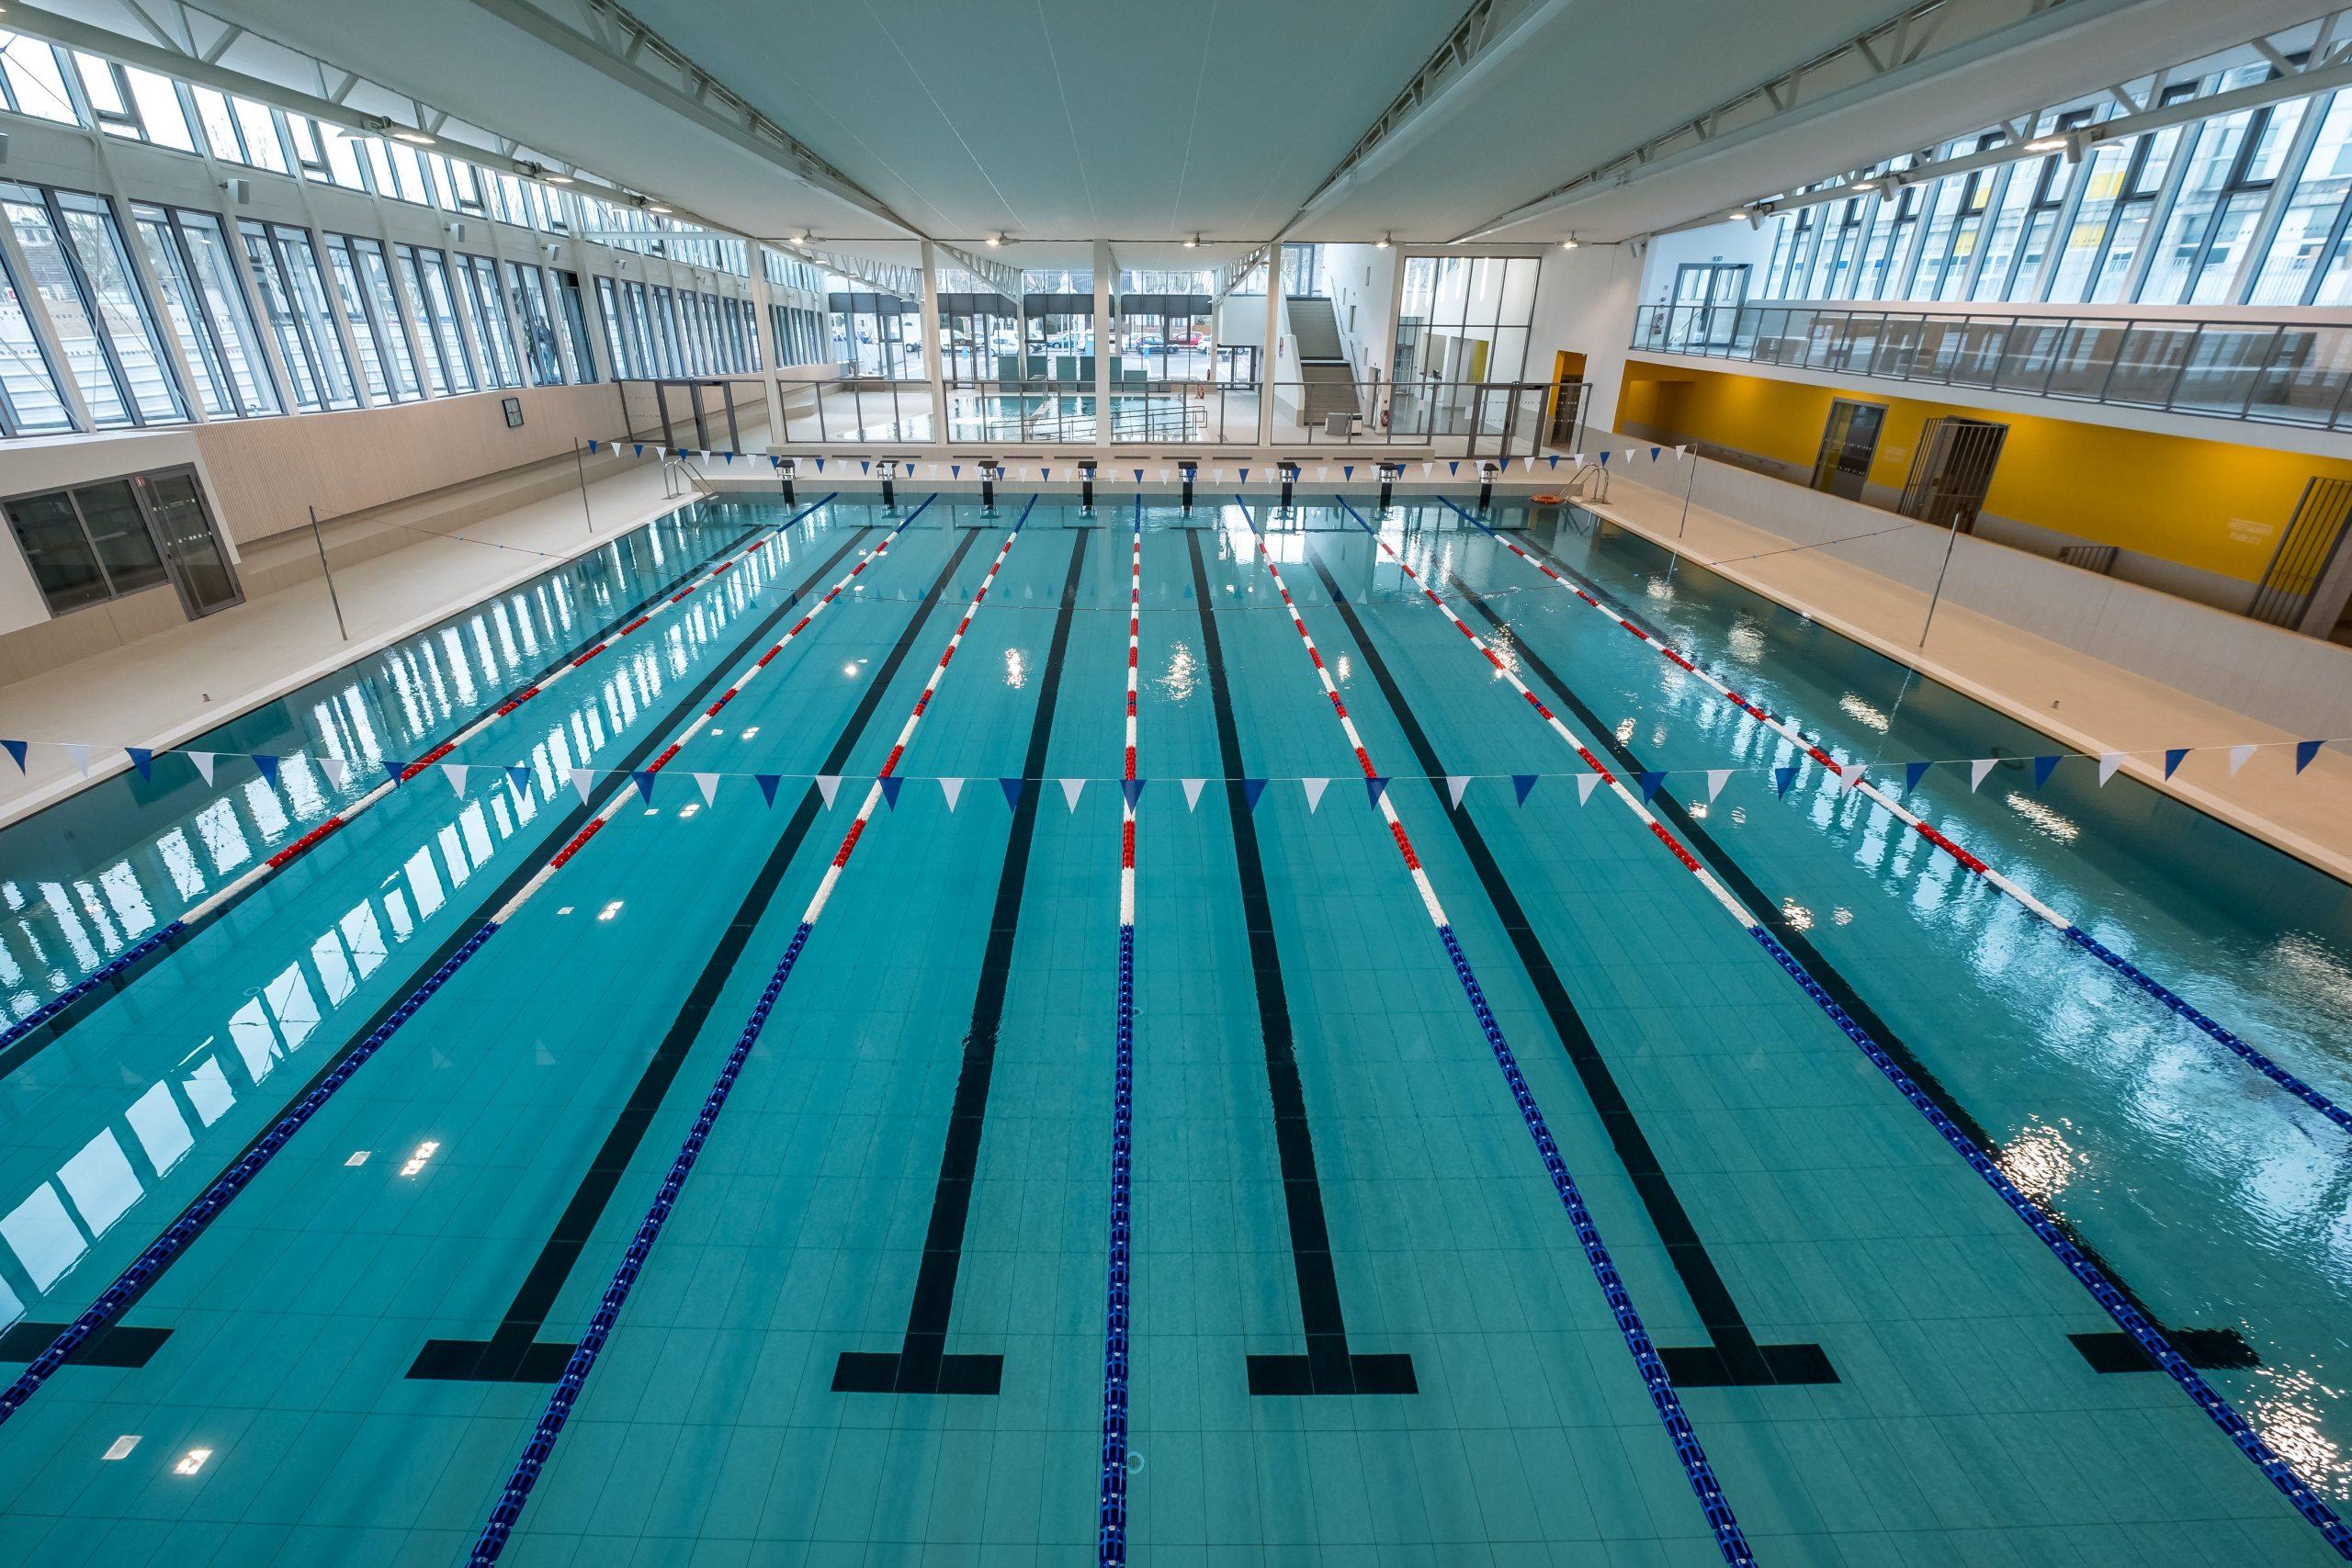 Horaires Et Tarifs Du Centre Aquatique Pajeaud   Ville D'antony avec Piscine De Massy